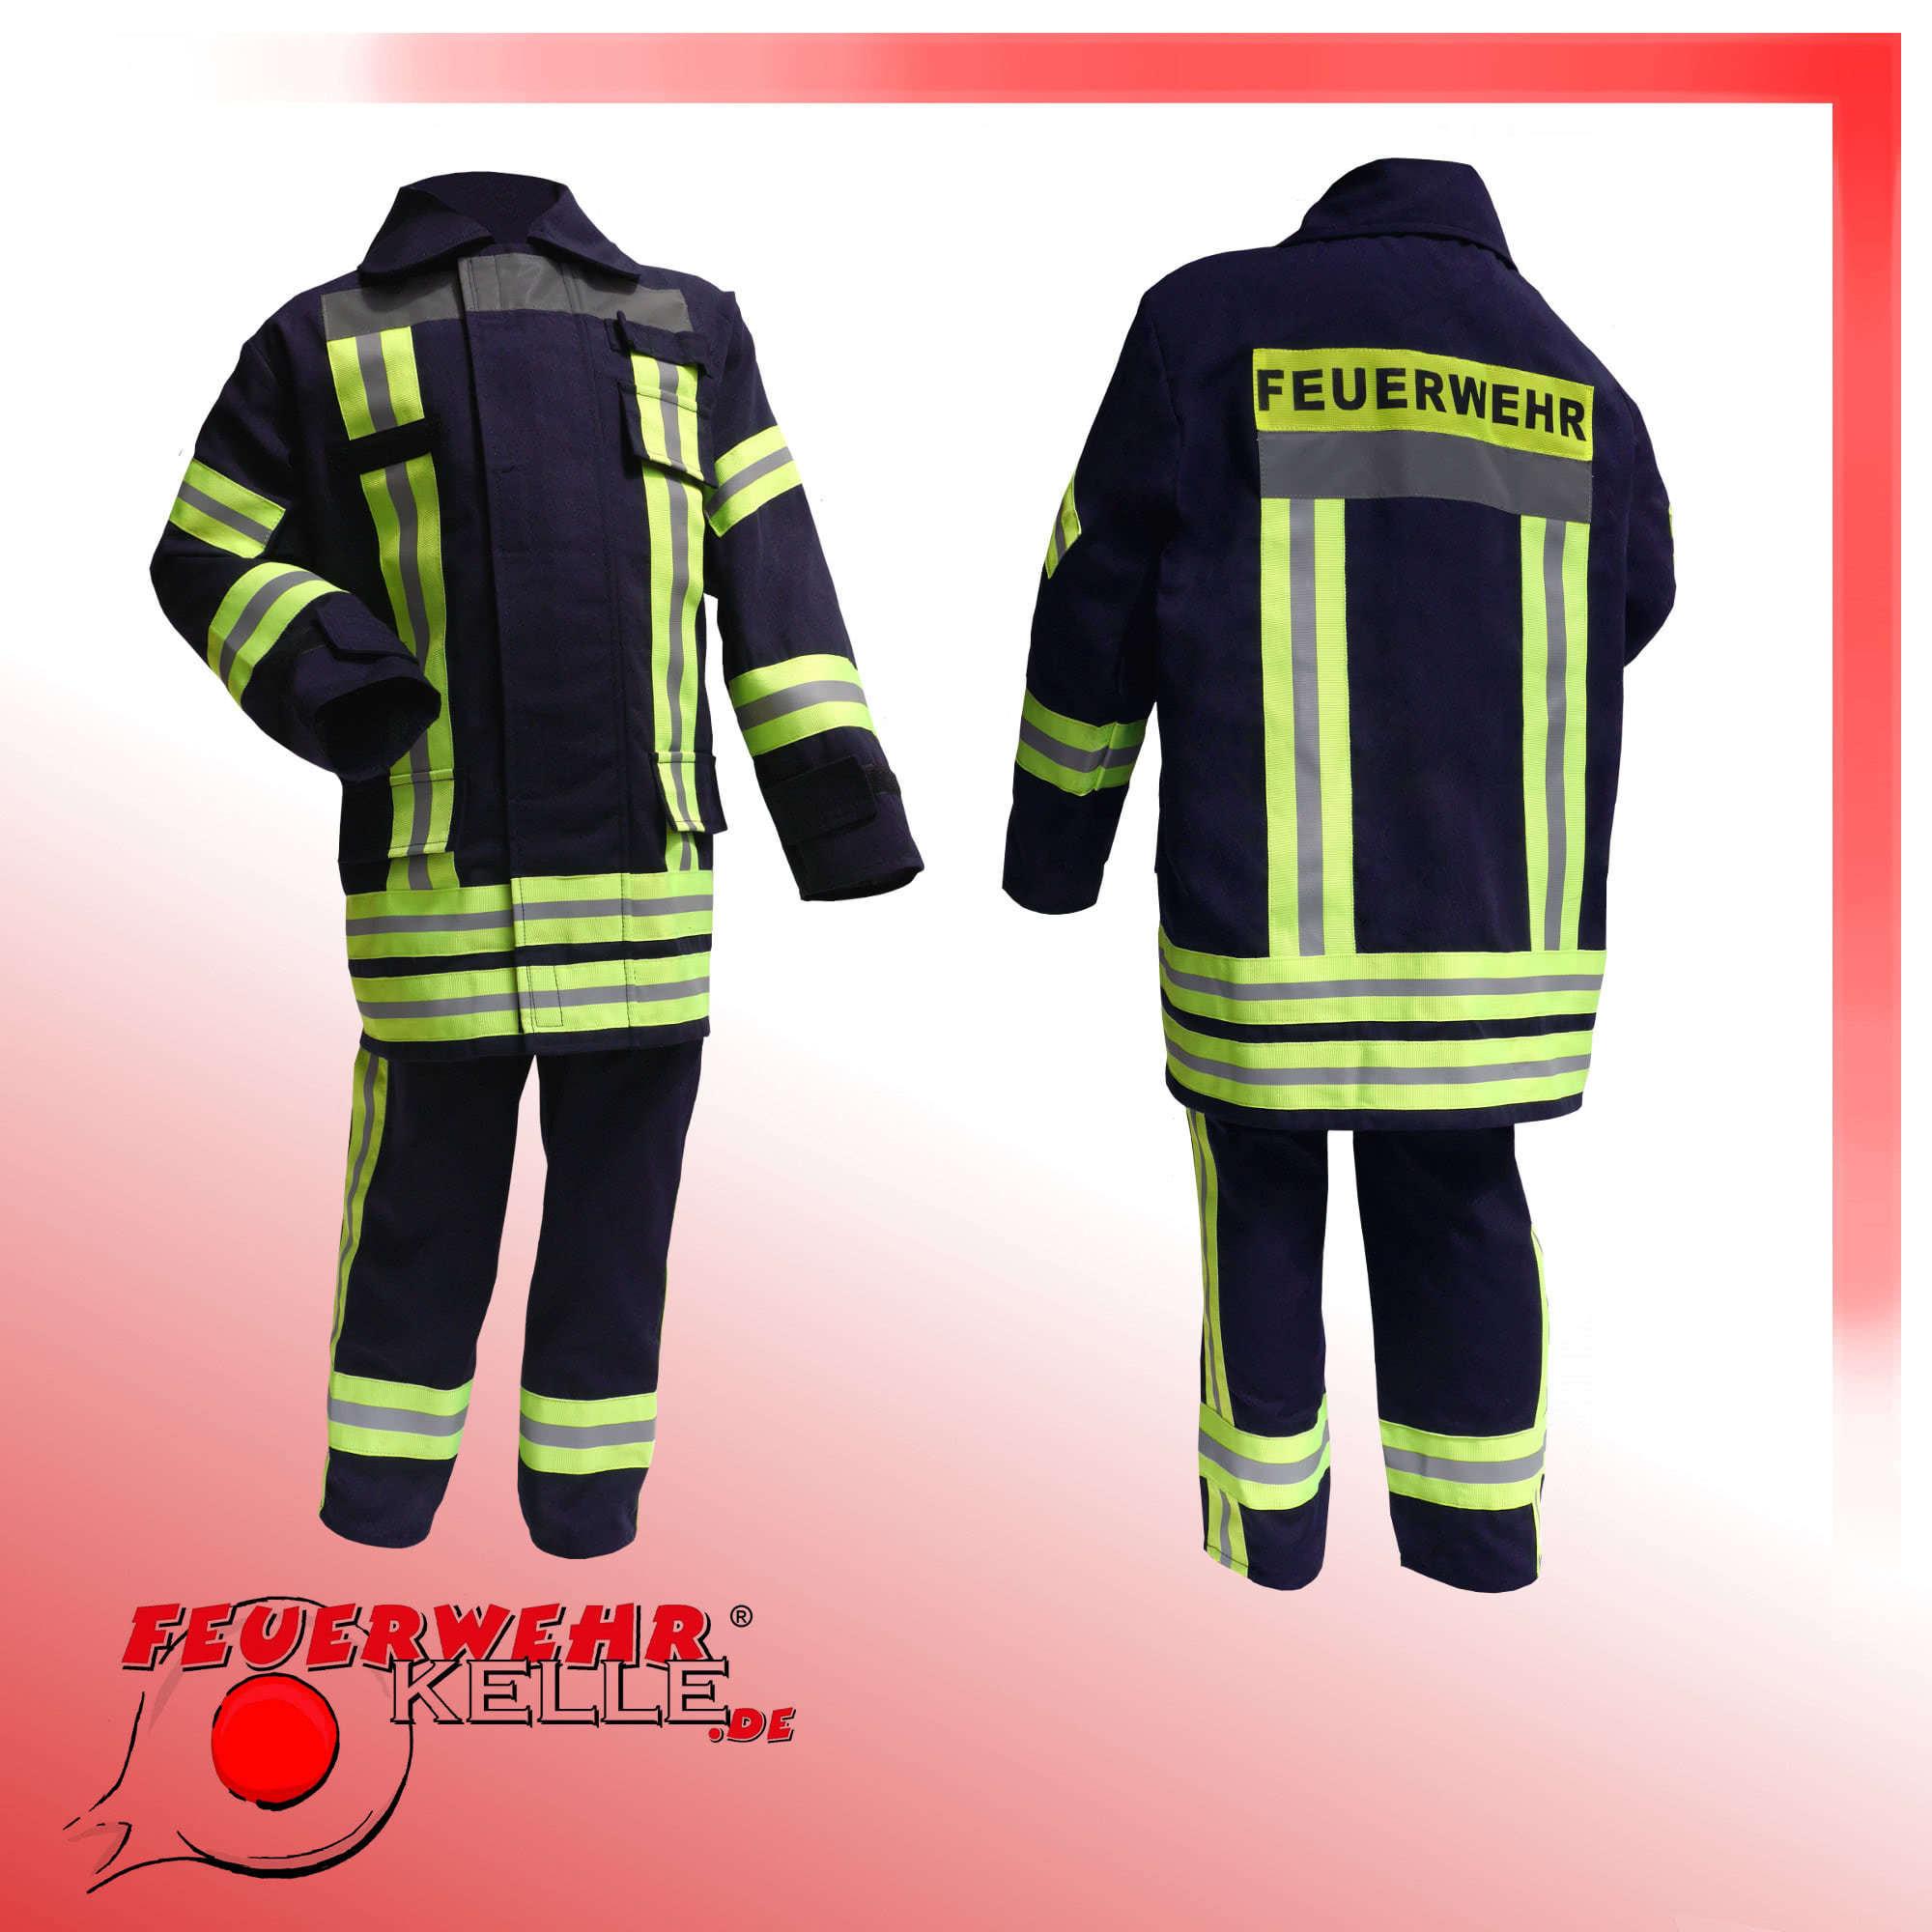 Feuerwehrkostüm für Kinder Feuerwehranzug kaufen | FEUERWEHRKELLE